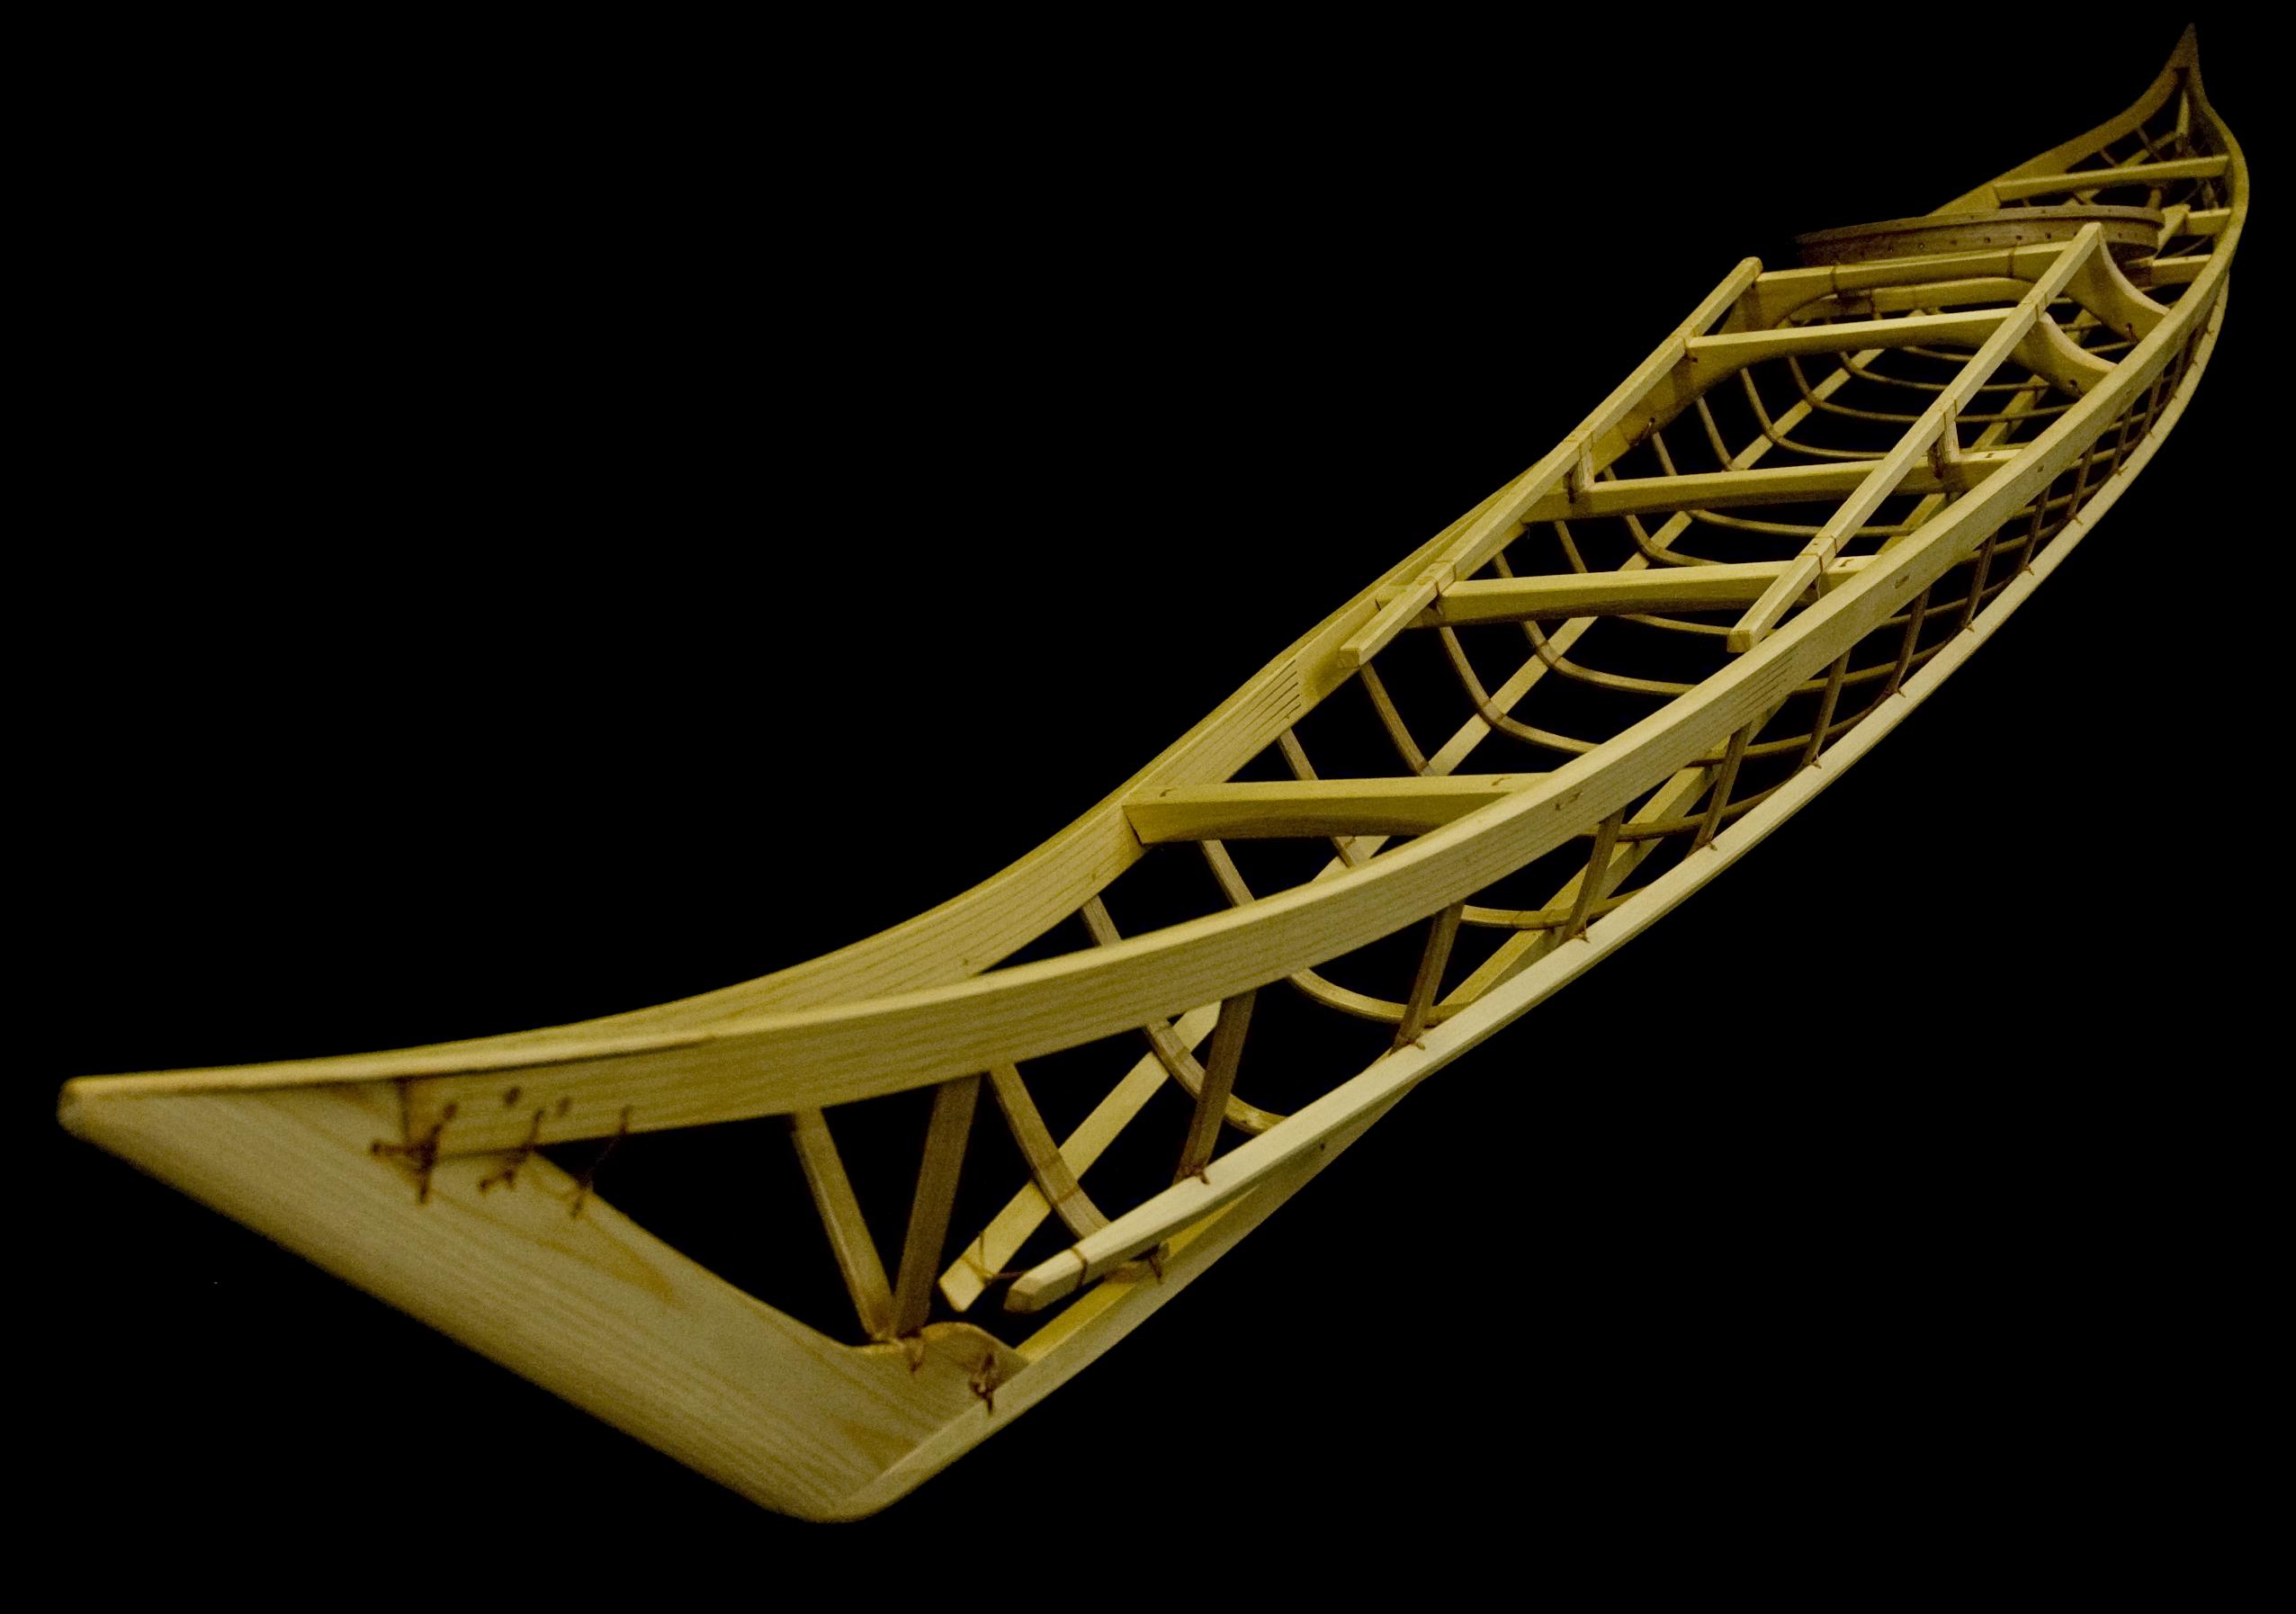 Skin on frame kayak by Nick Schade